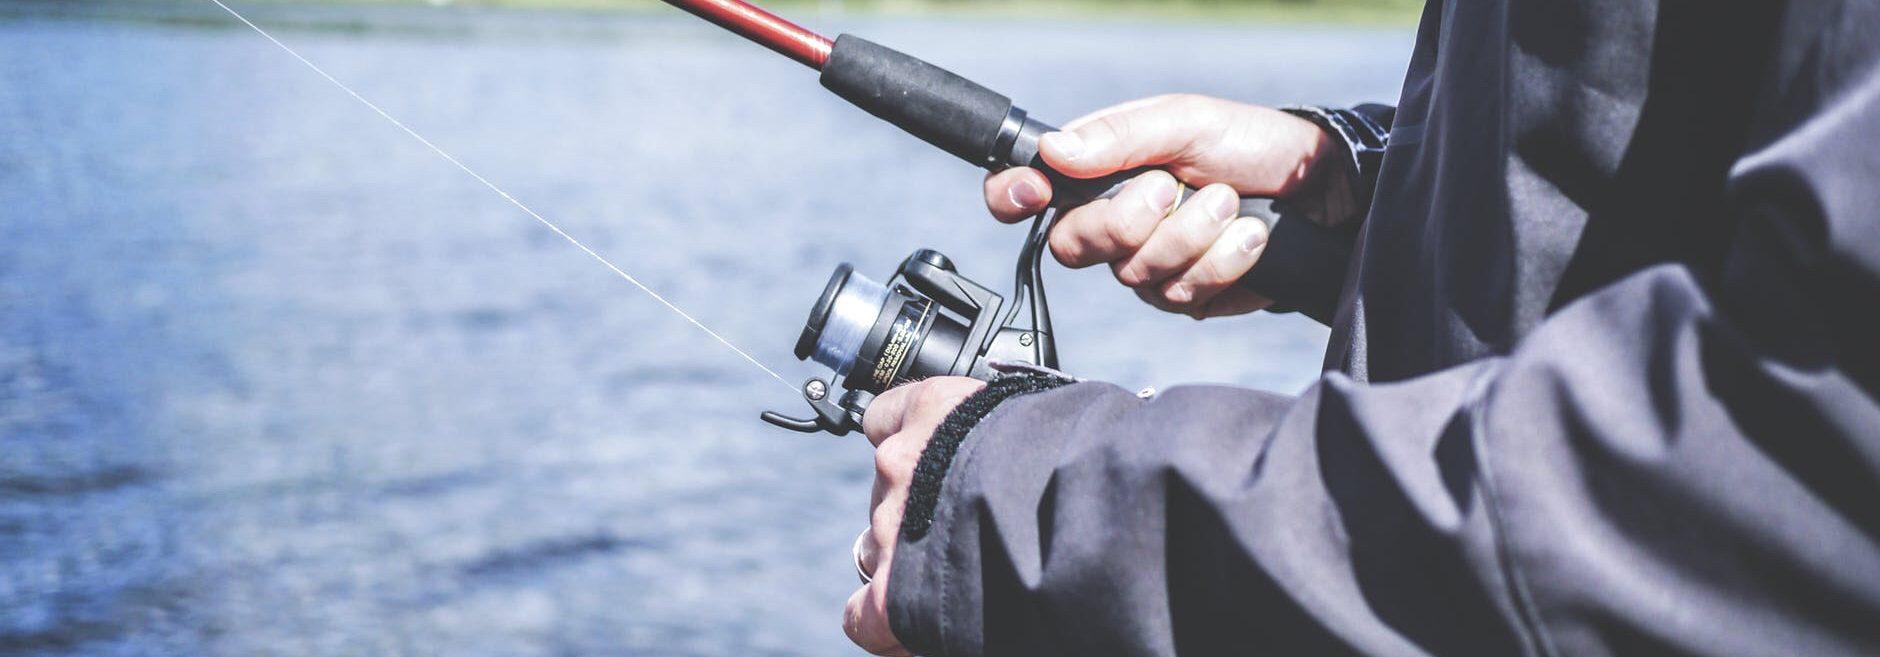 Assurez votre matériel de pêche…